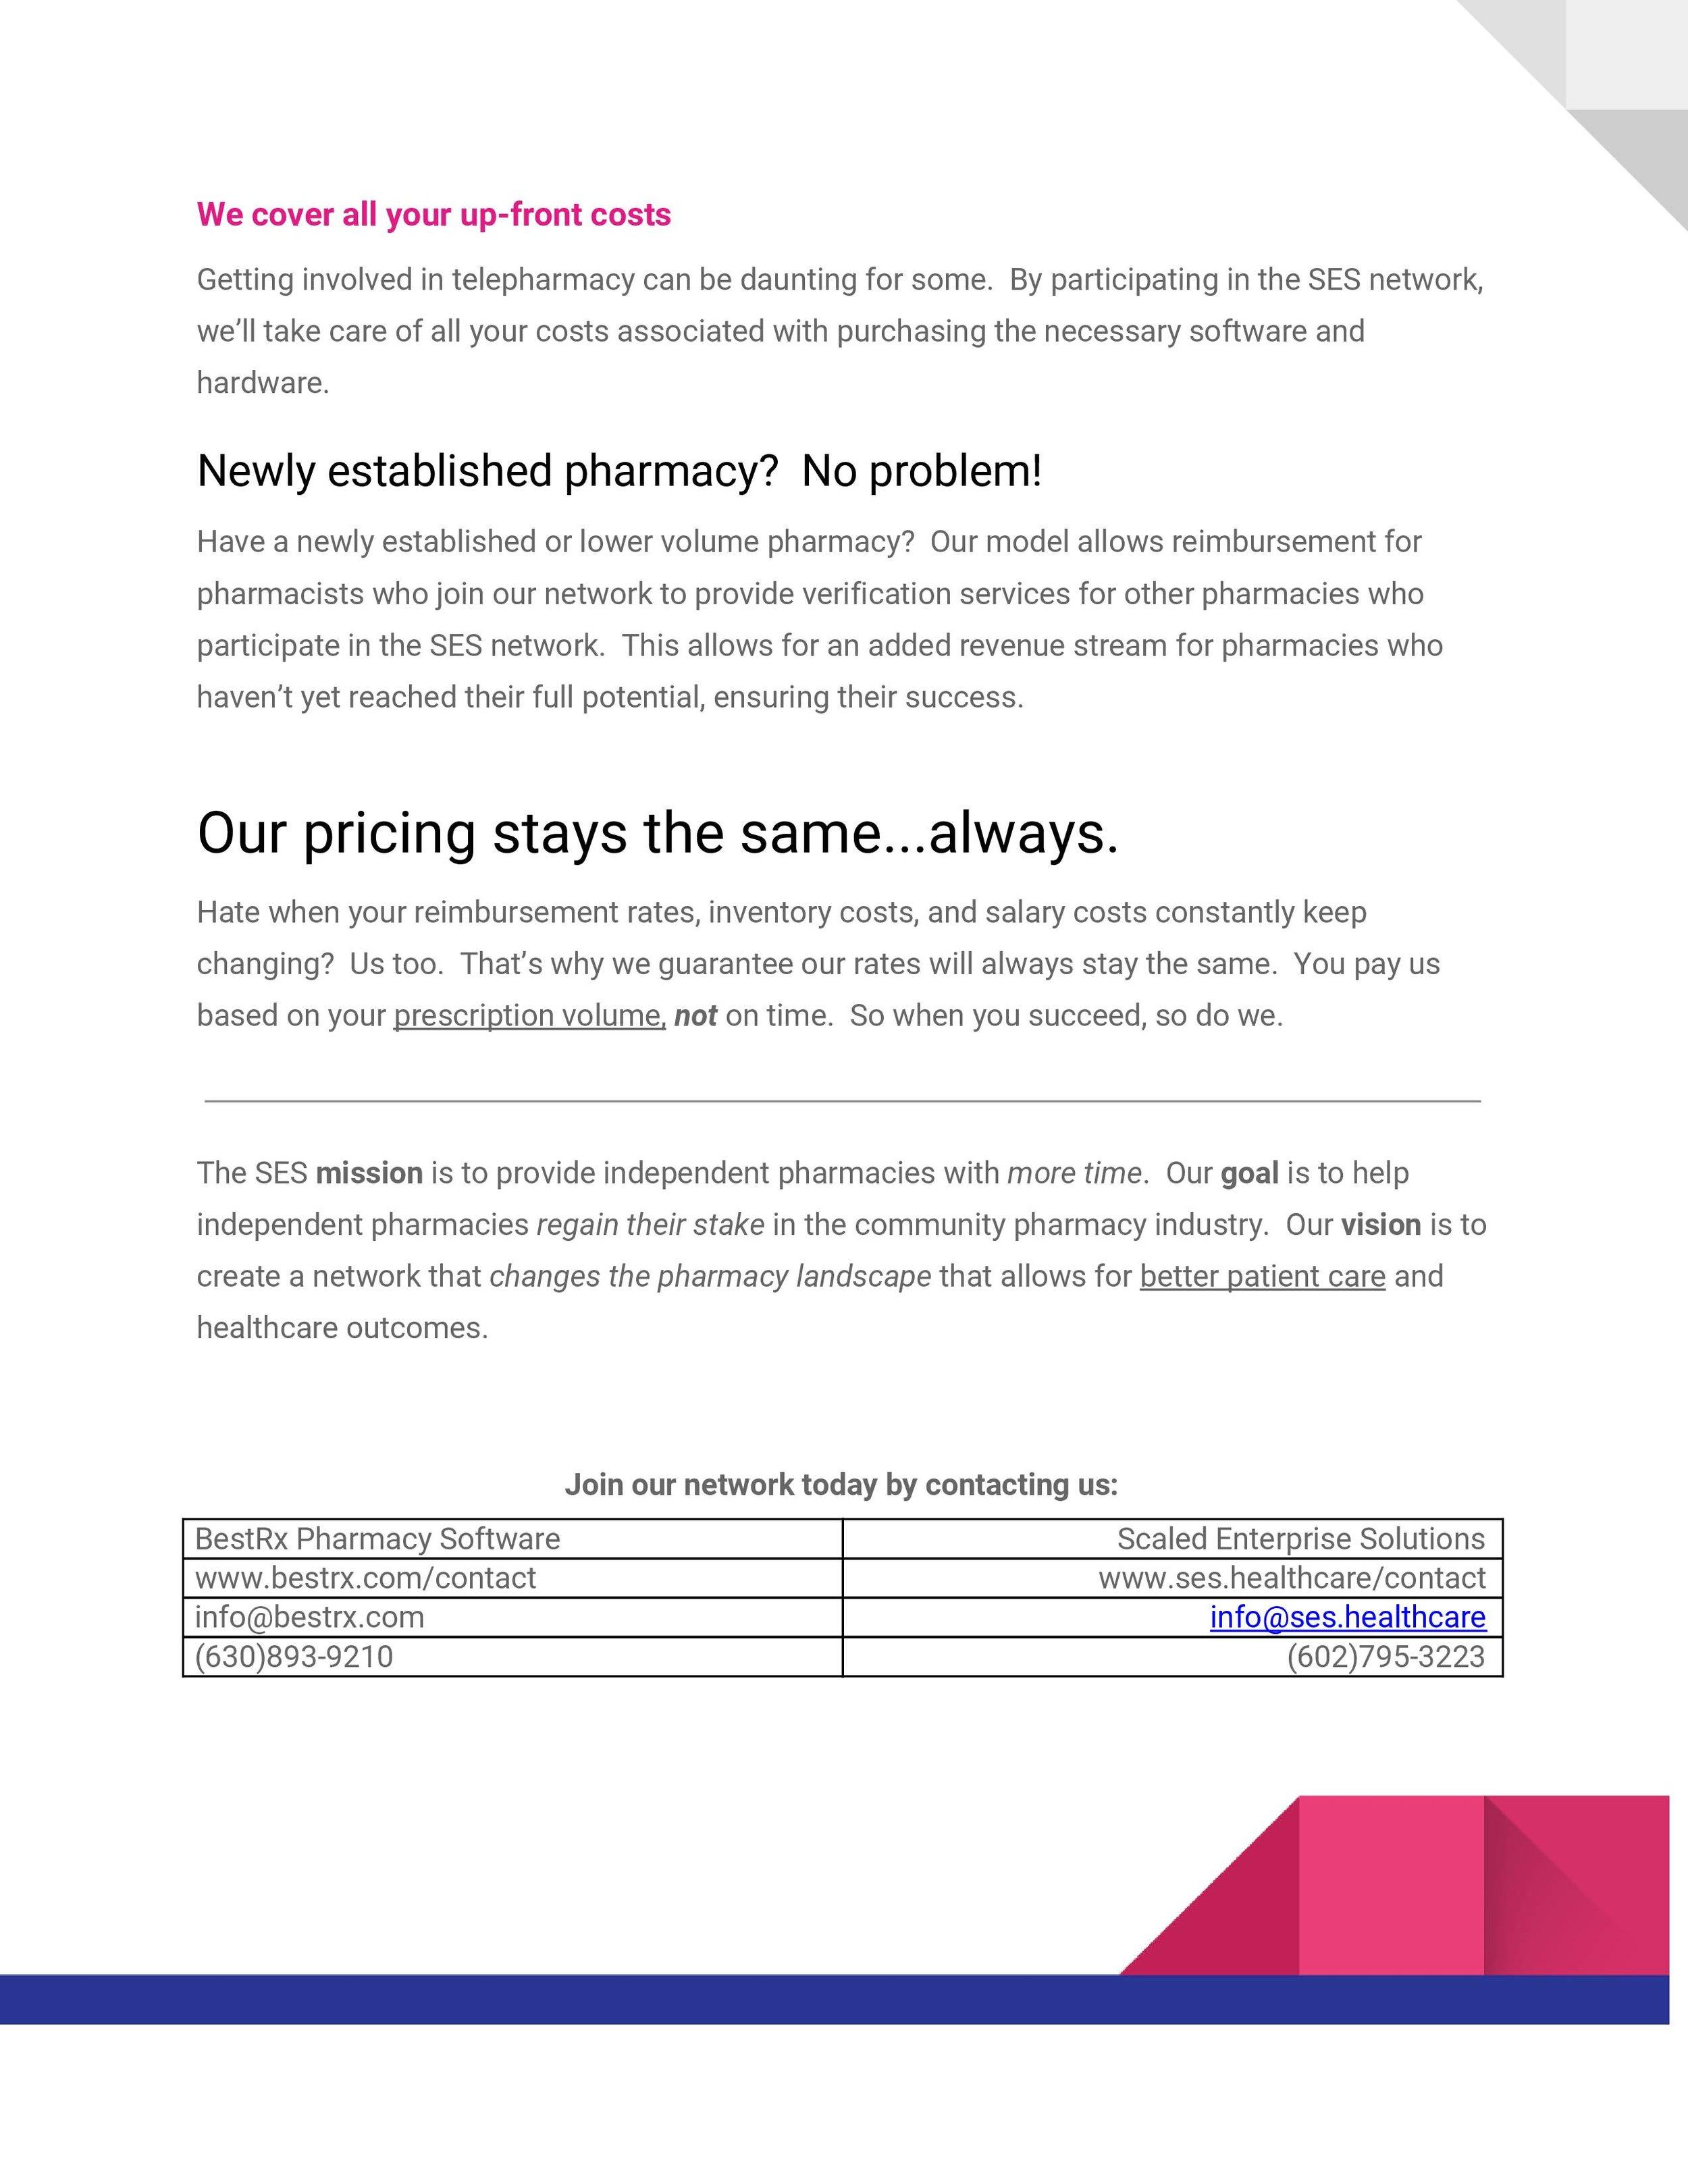 BestRx SES Brochure updated 8_3_18-2.jpg